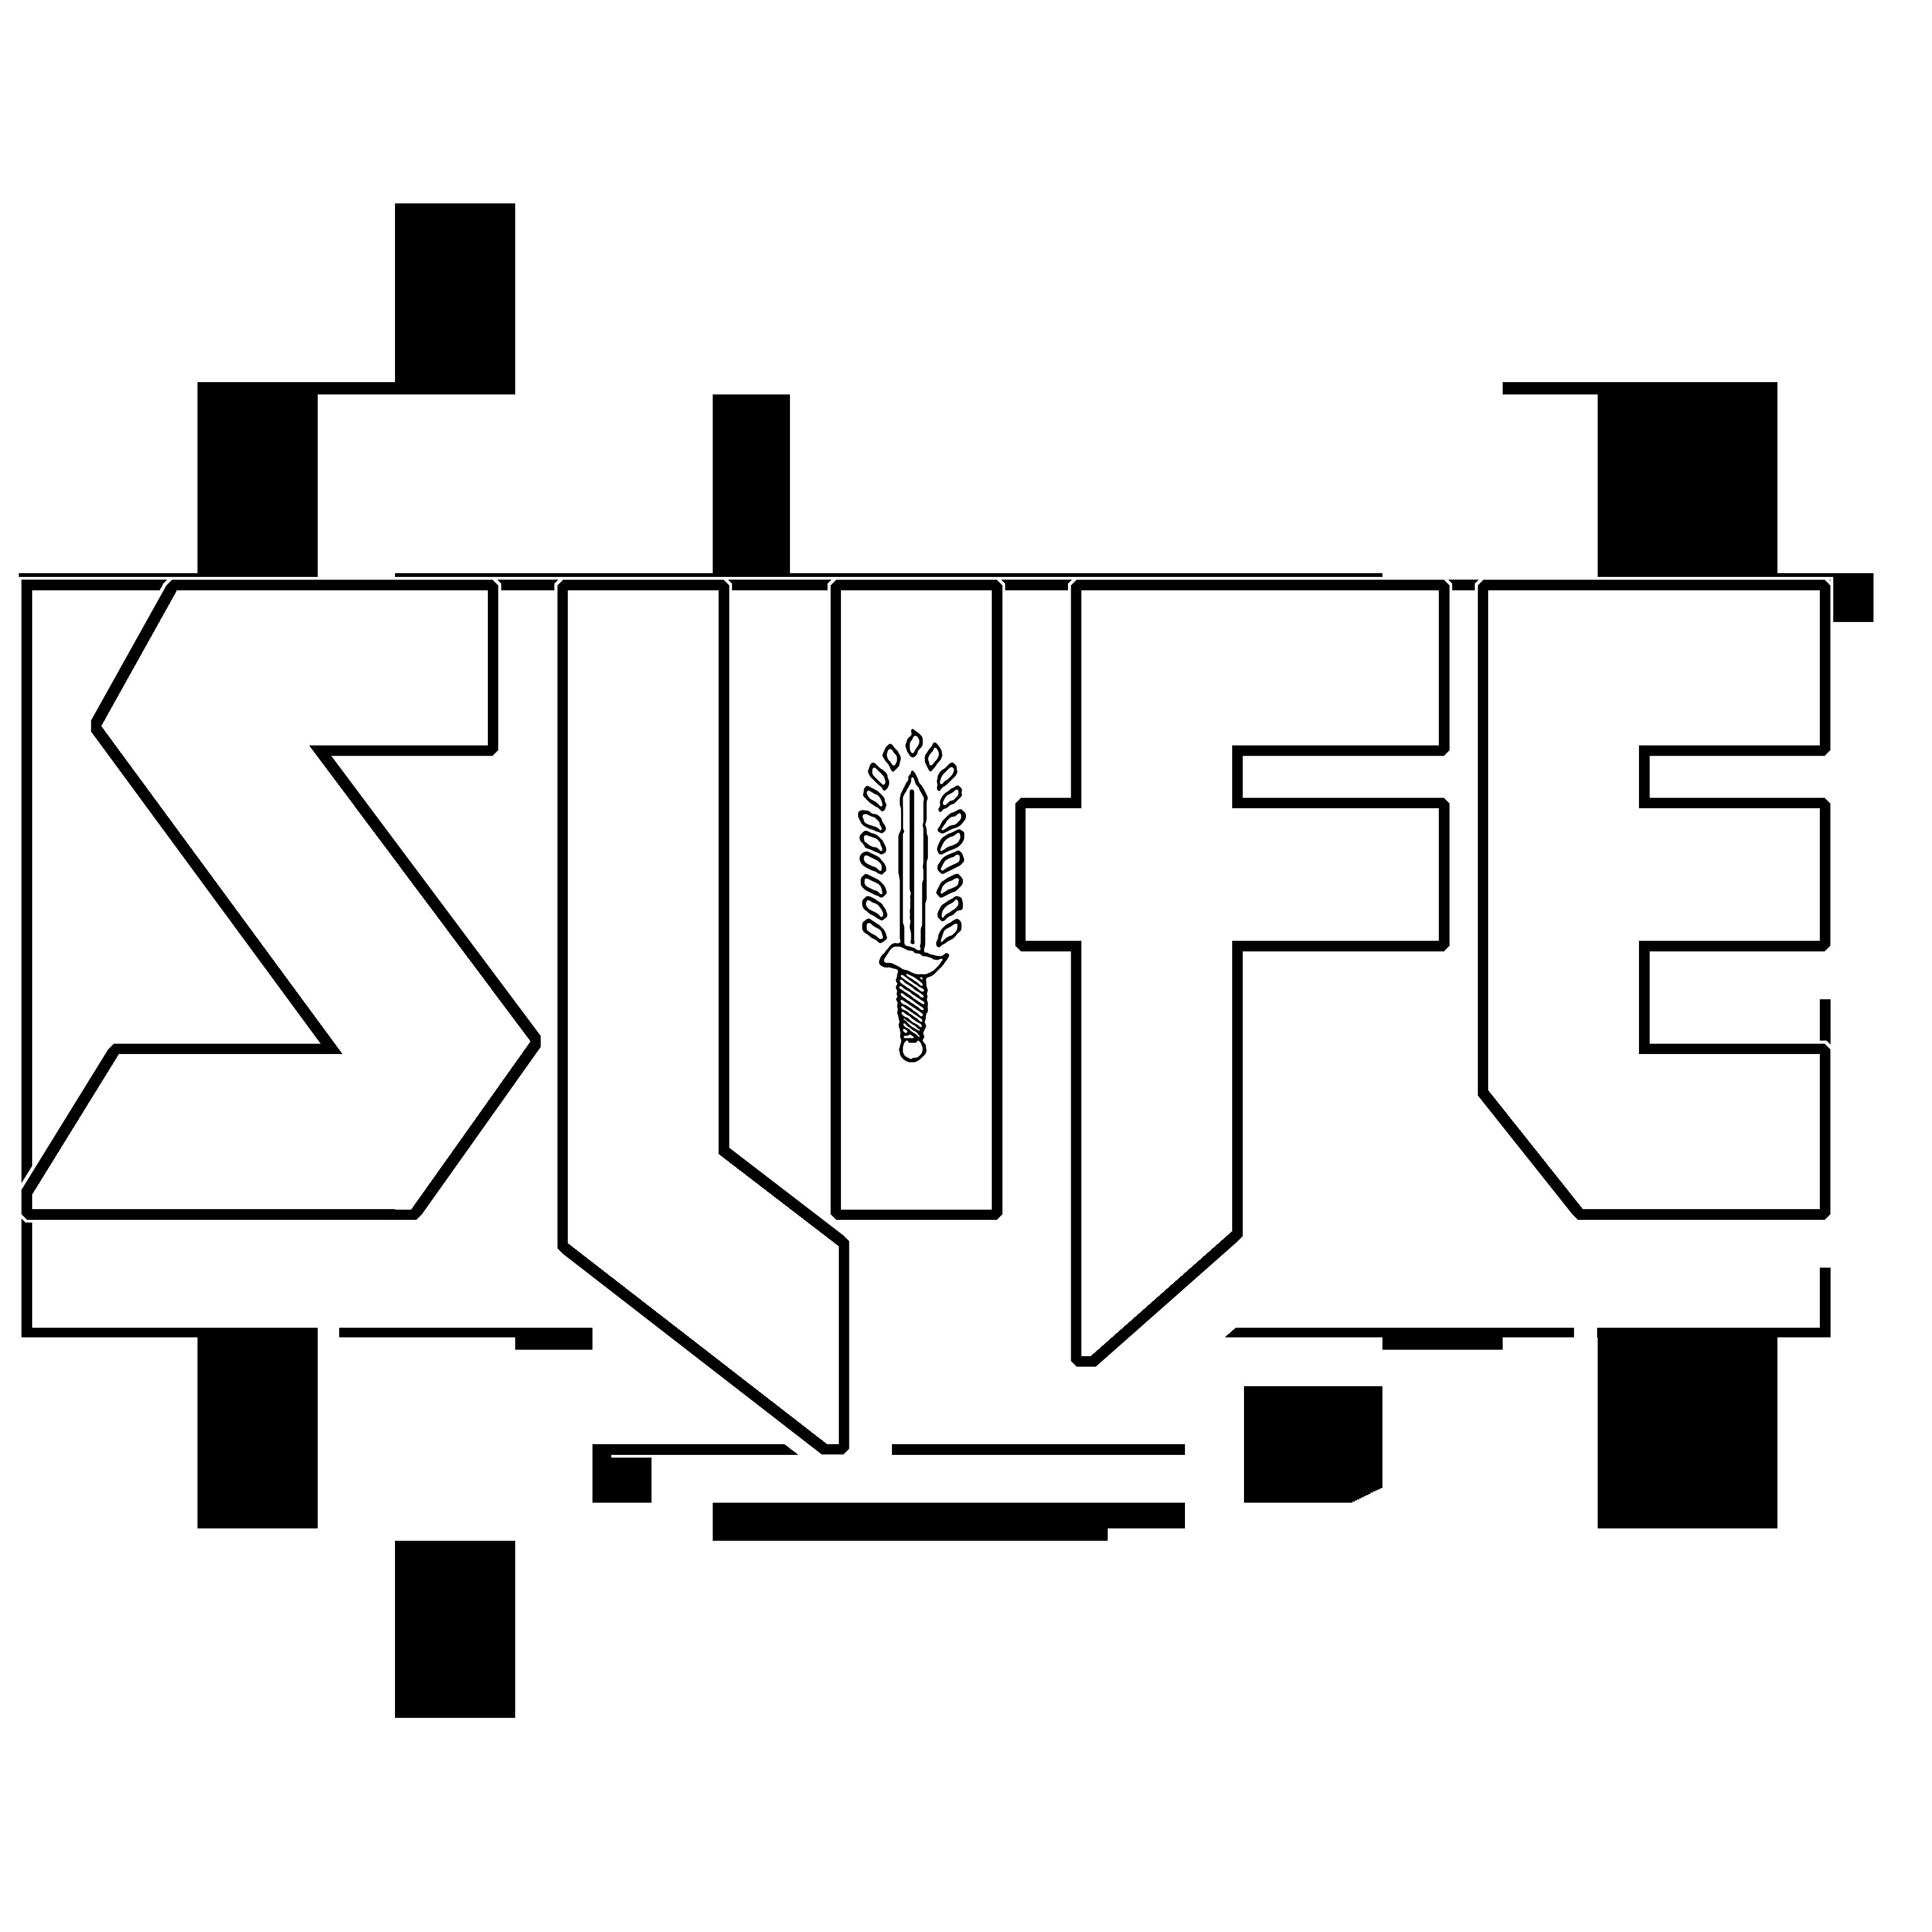 slife-whitefont